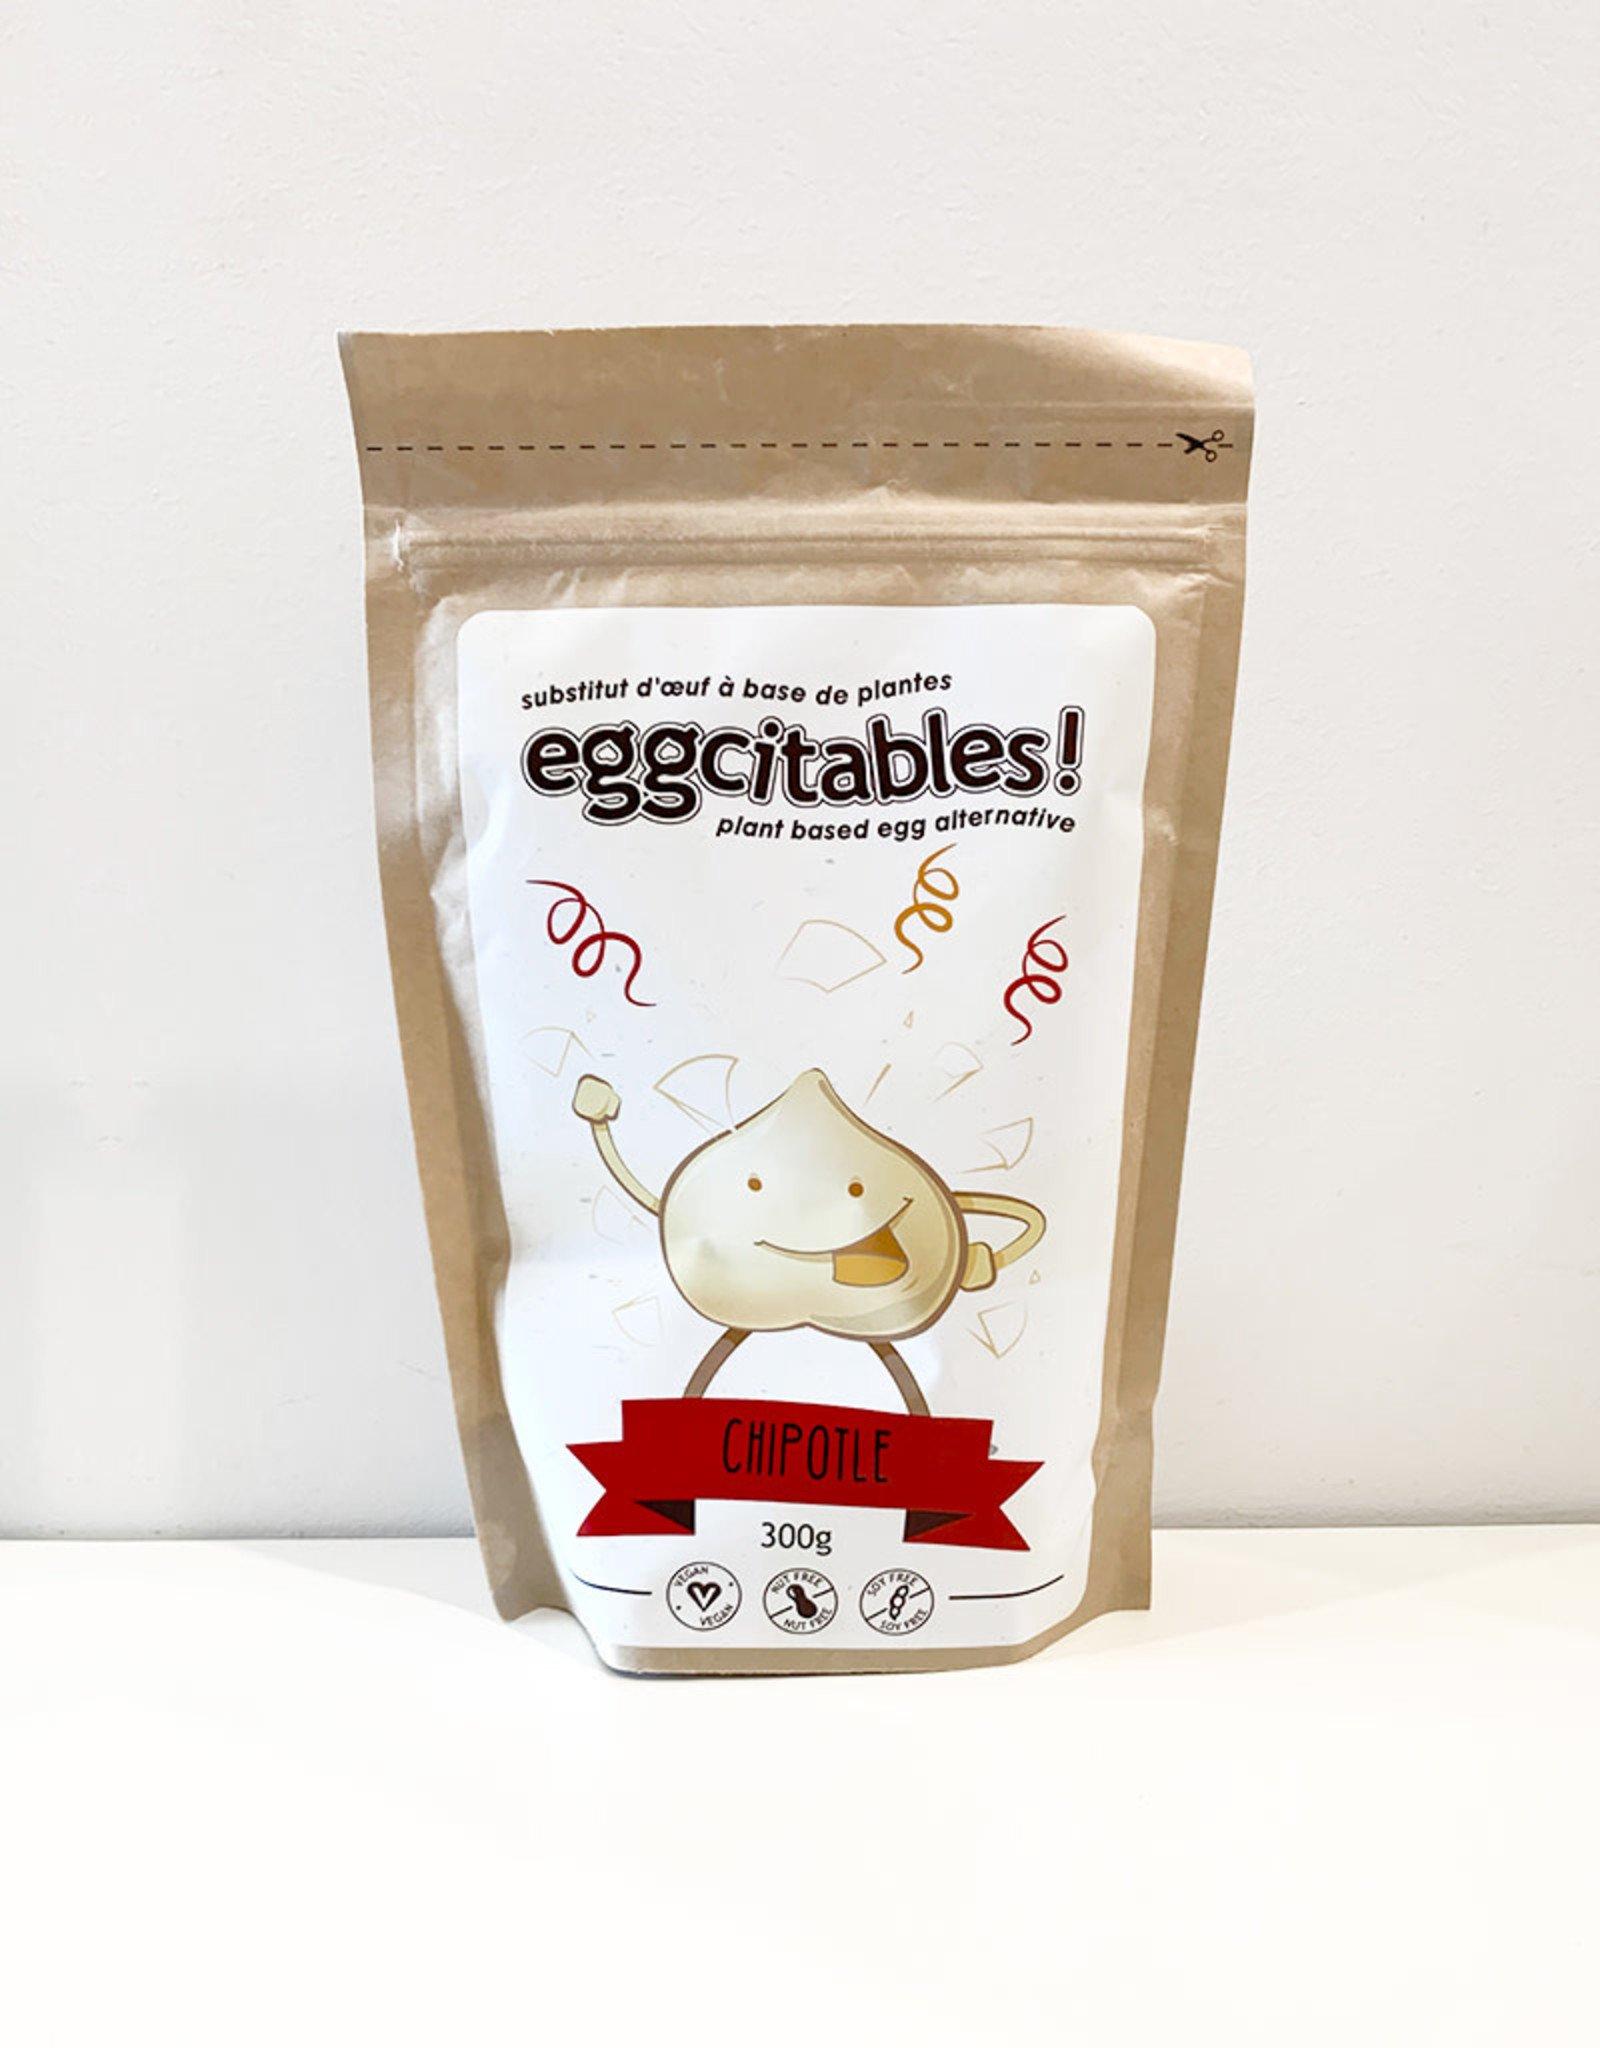 Eggcitables! Eggcitables Alternative - Chipotle (300g)